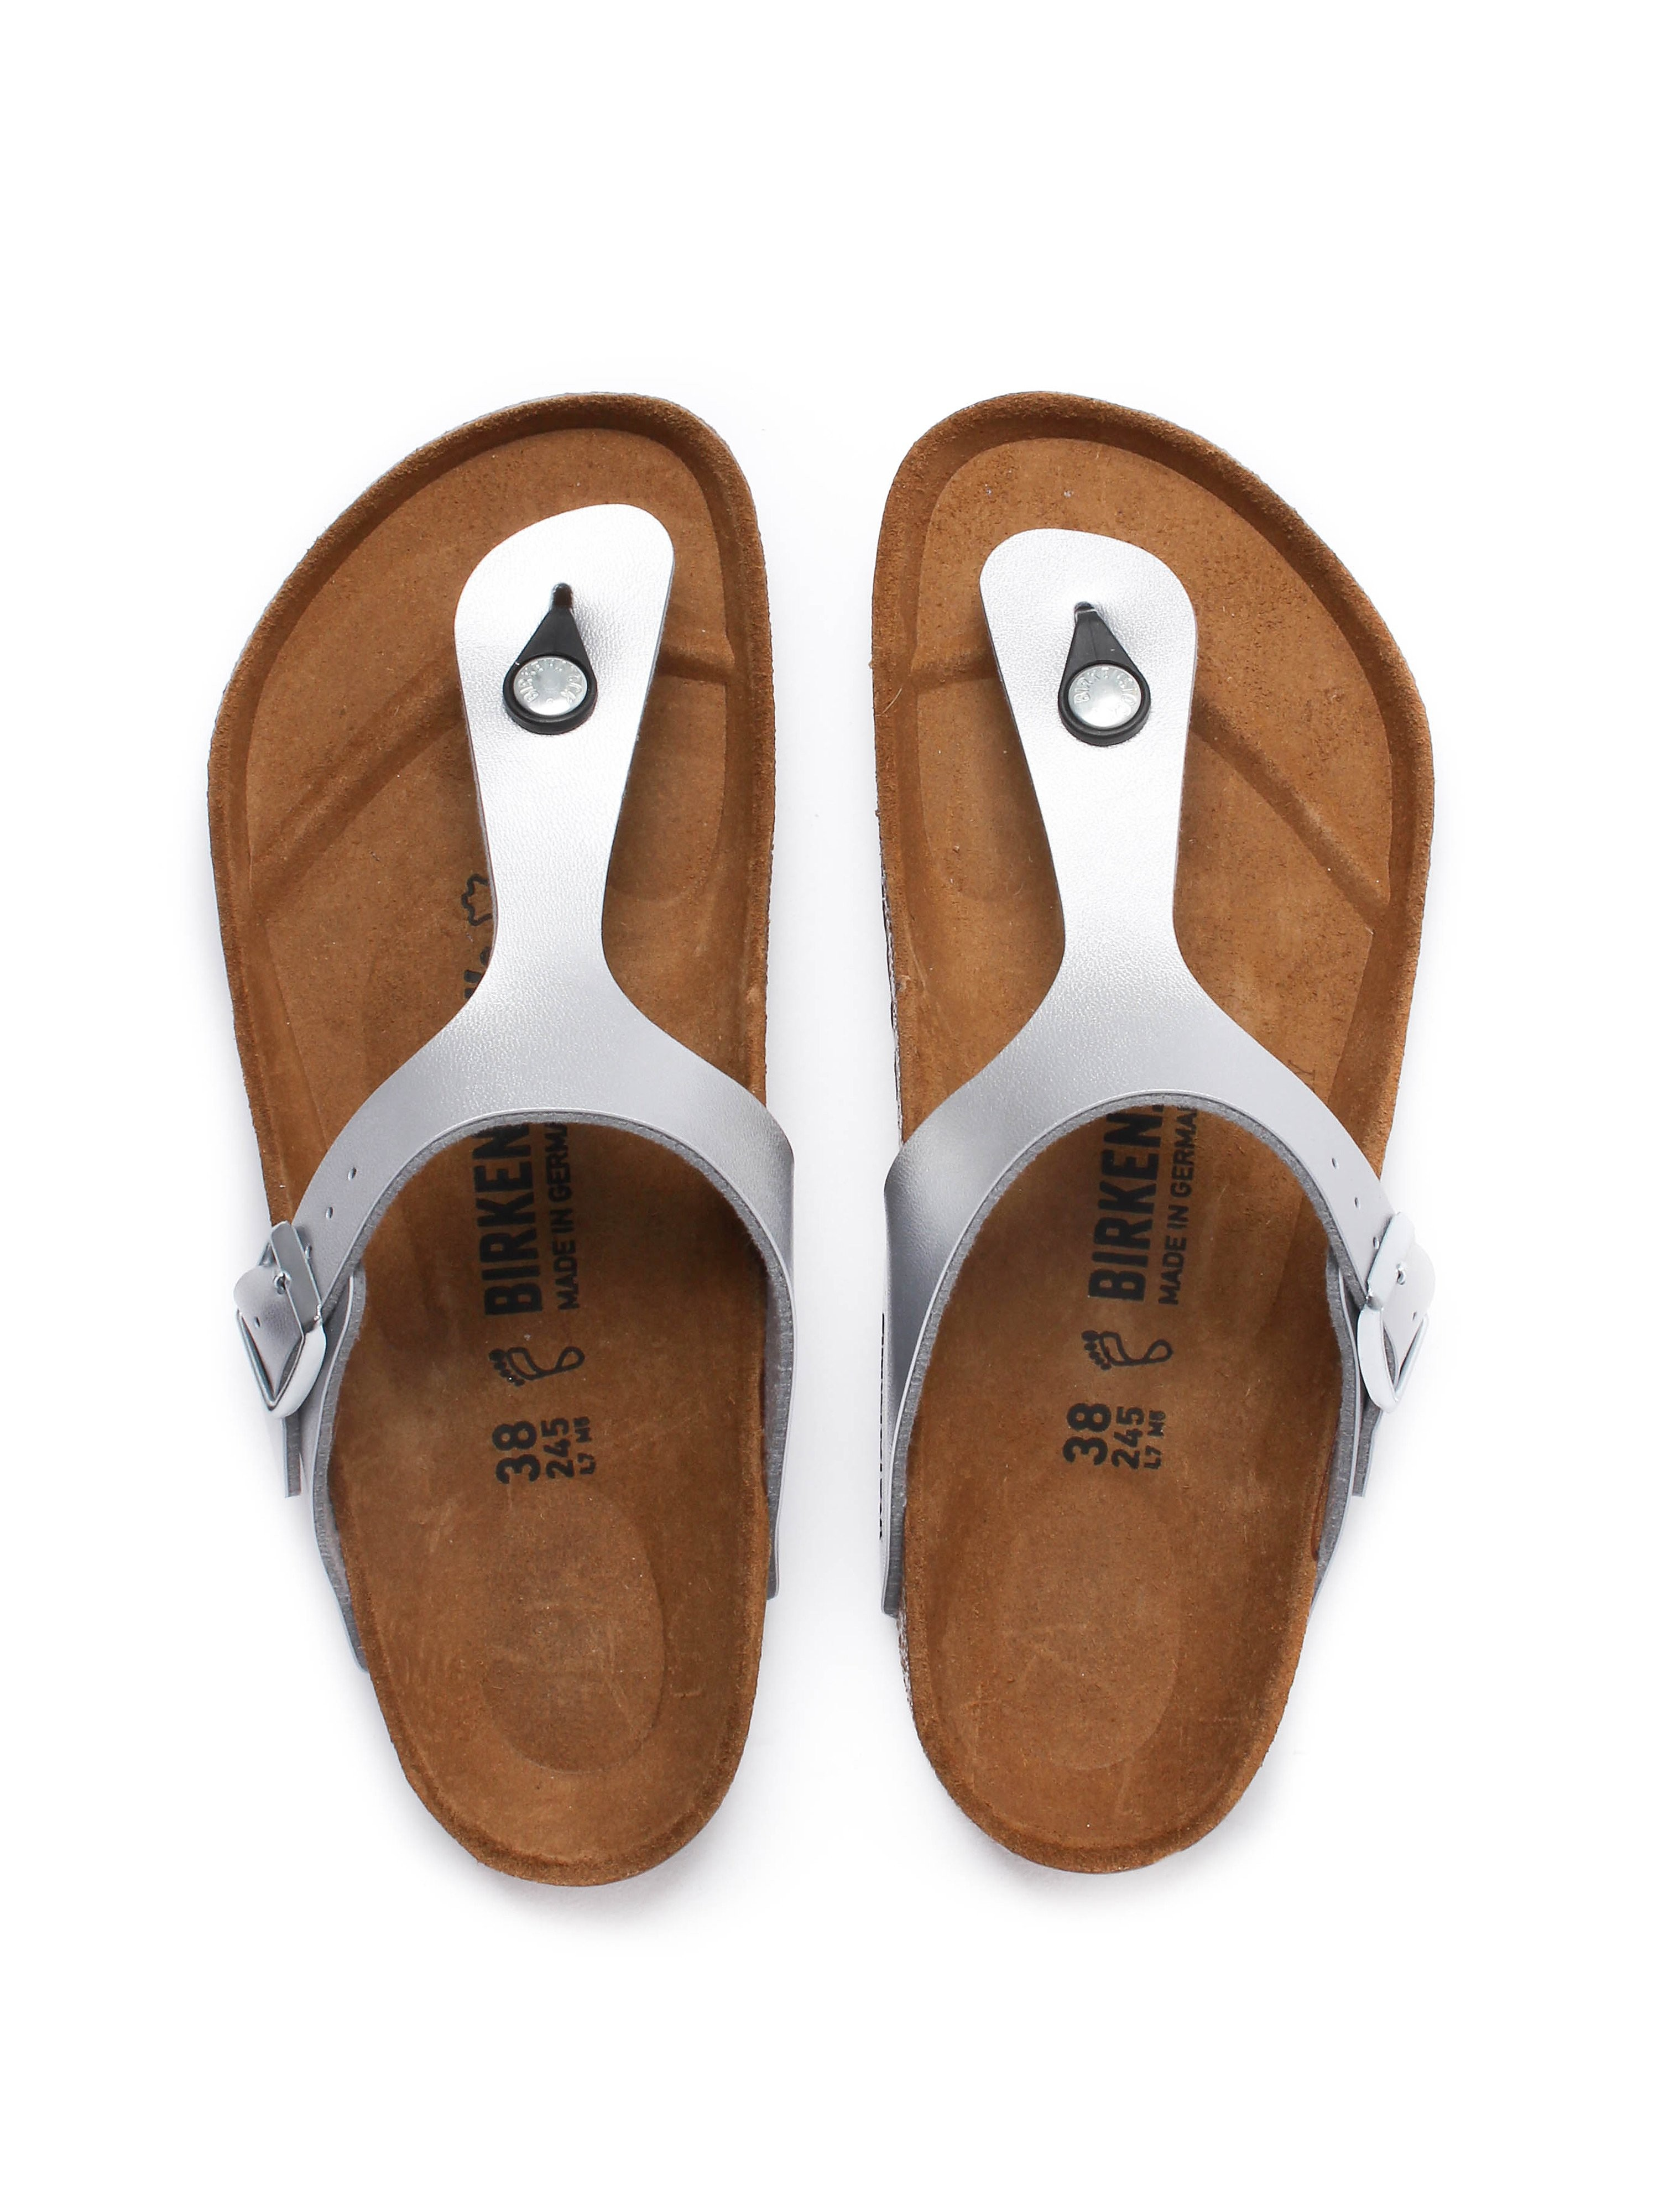 Birkenstock Women's Gizeh Toe Strap Sandals - Silver